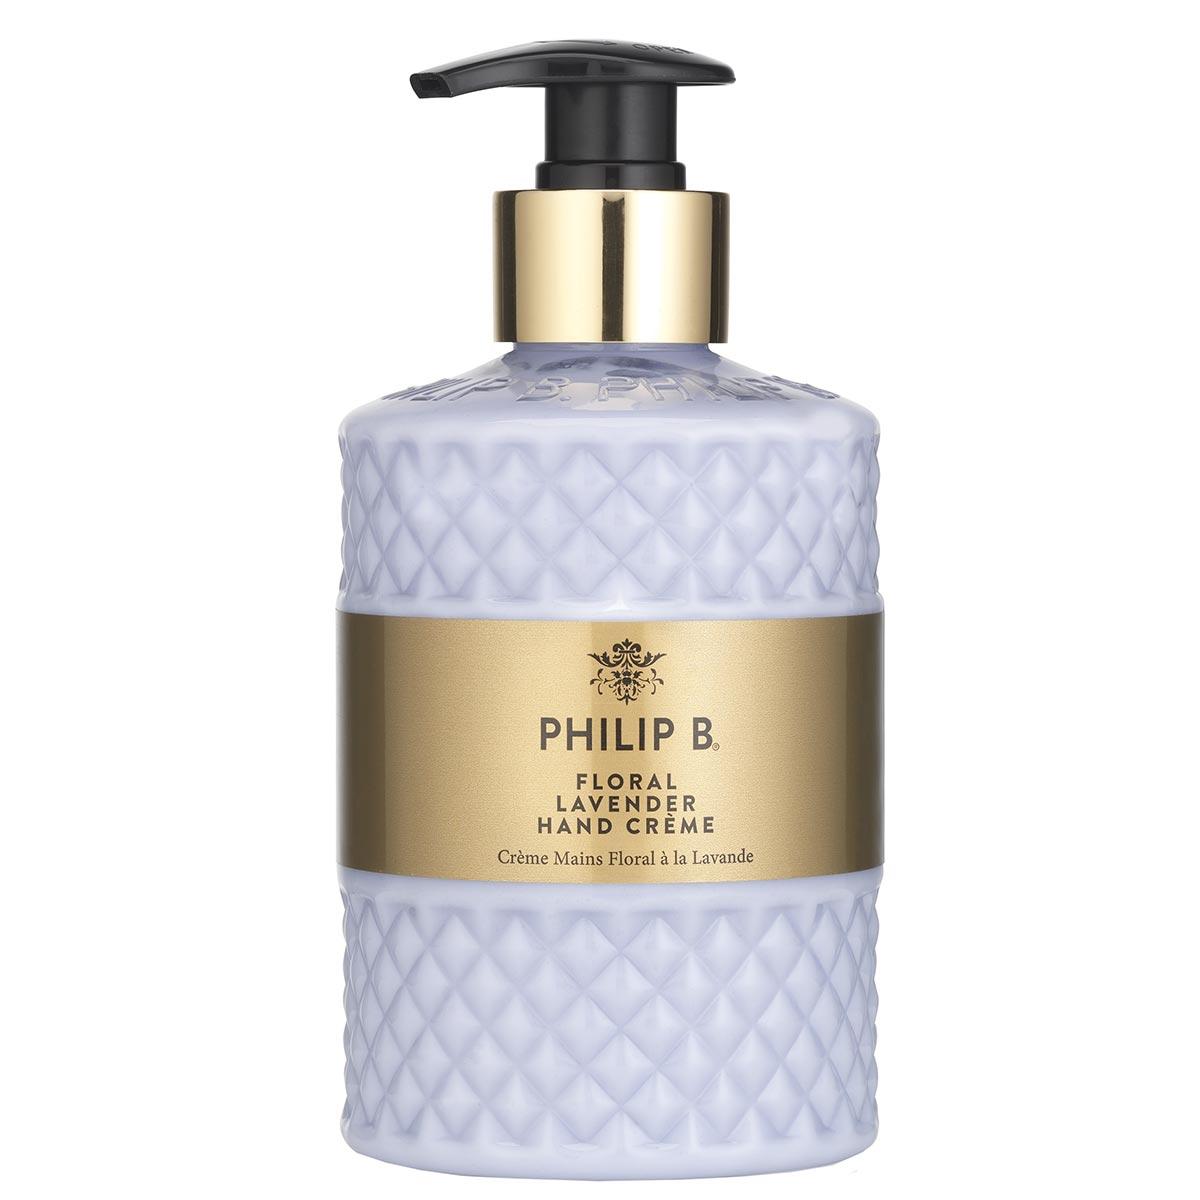 Floral Lavender Hand Crème 350 ml Philip B Handkräm